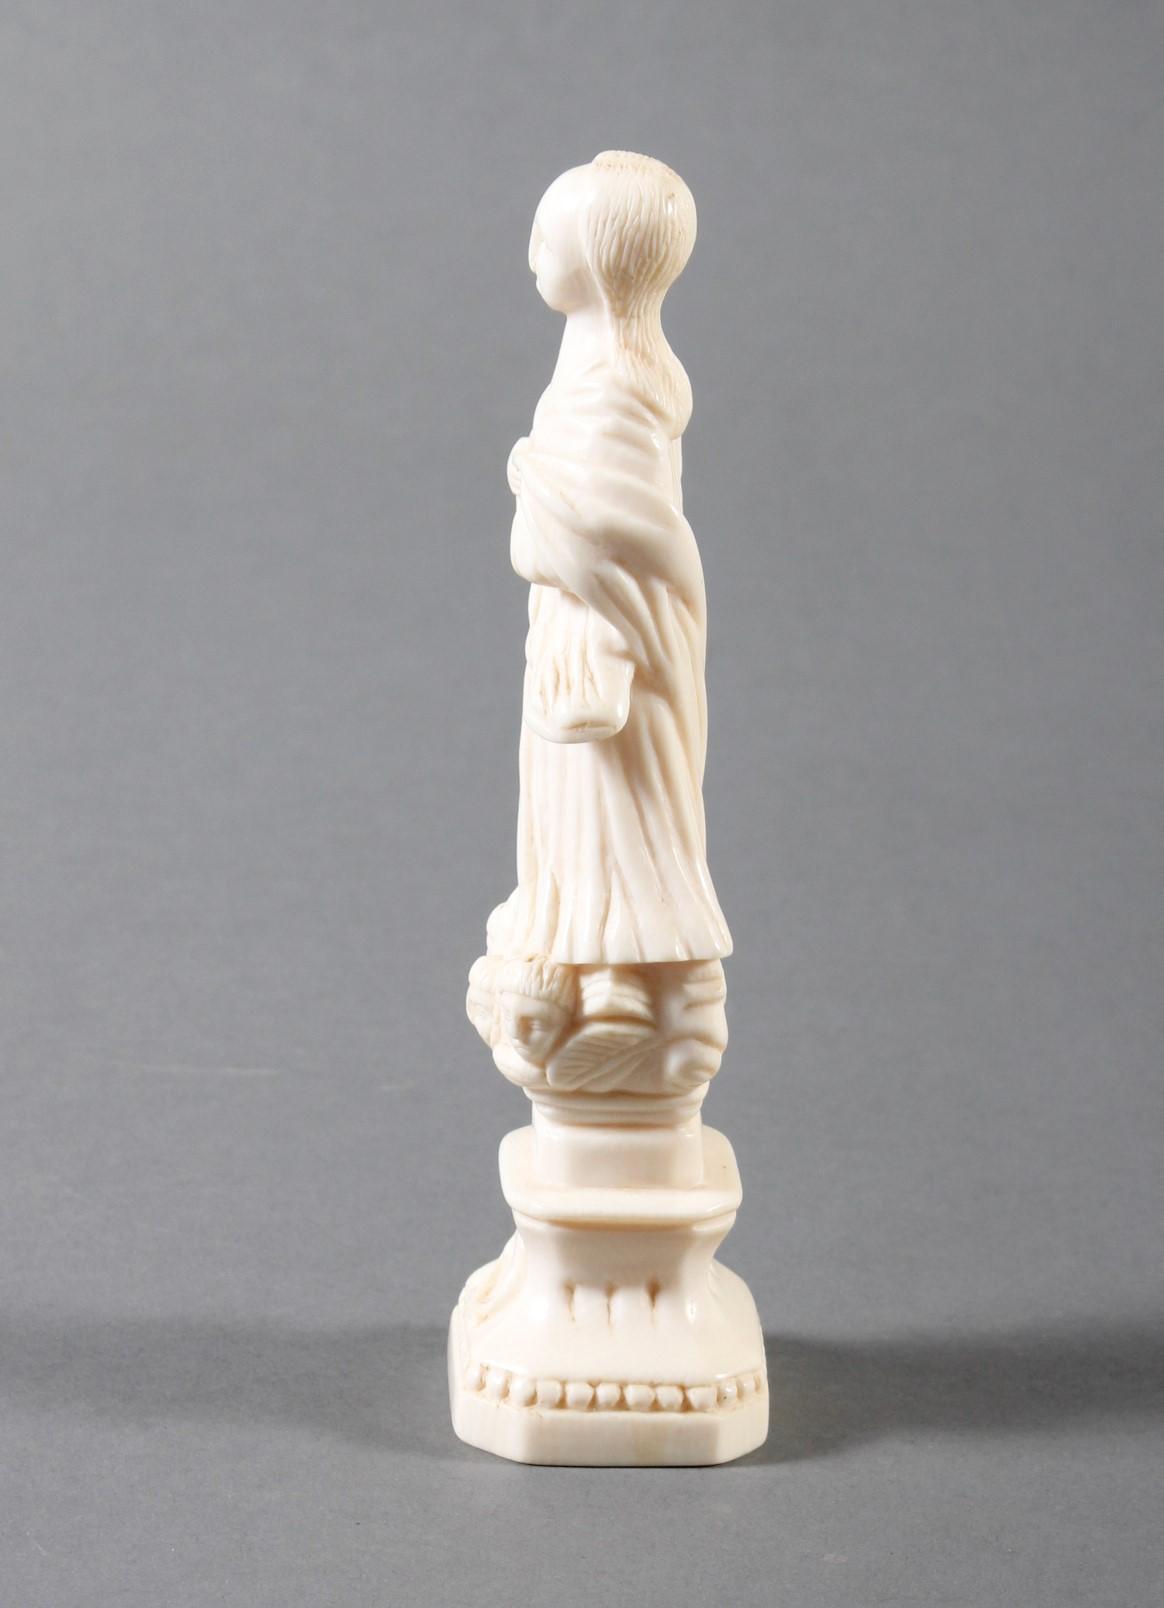 Elfenbeinschnitzerei einer Heiligen  auf einem Podest stehend-5